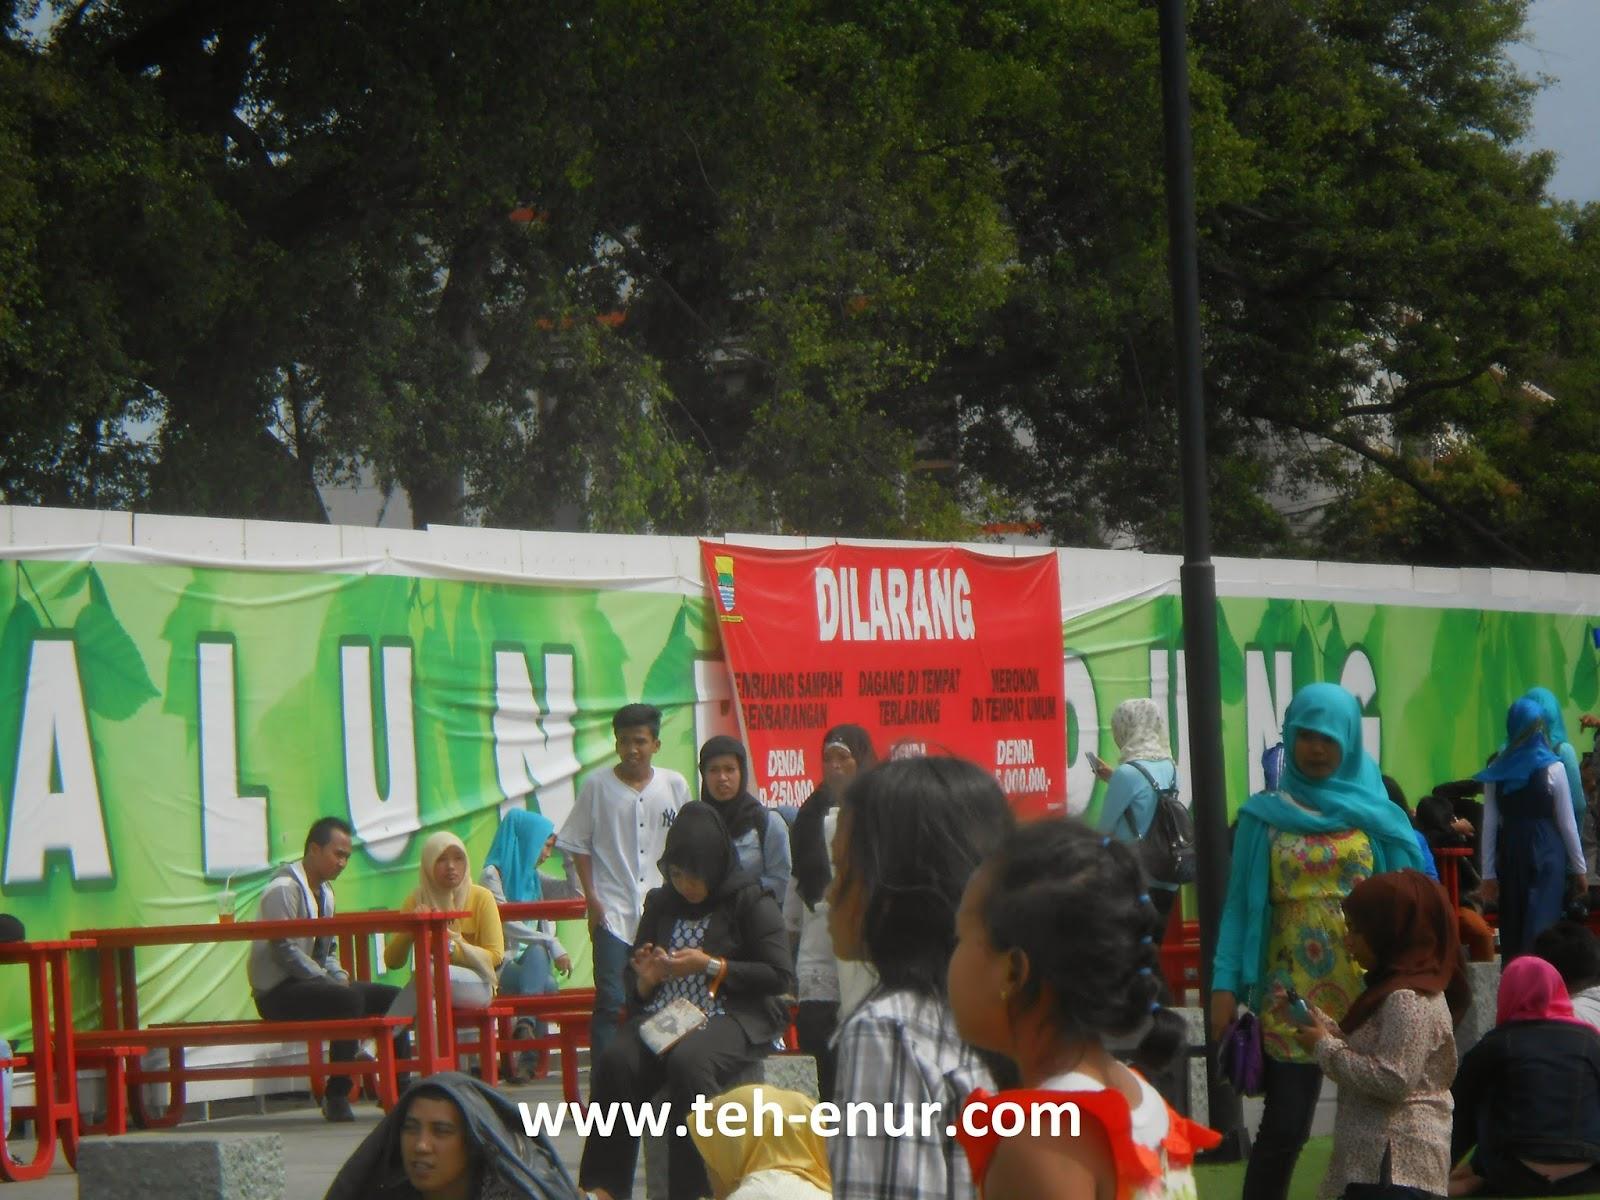 Kumpulan foto-foto Alun-alun kota Bandung - Meja dan kursi merah di sebelah timur